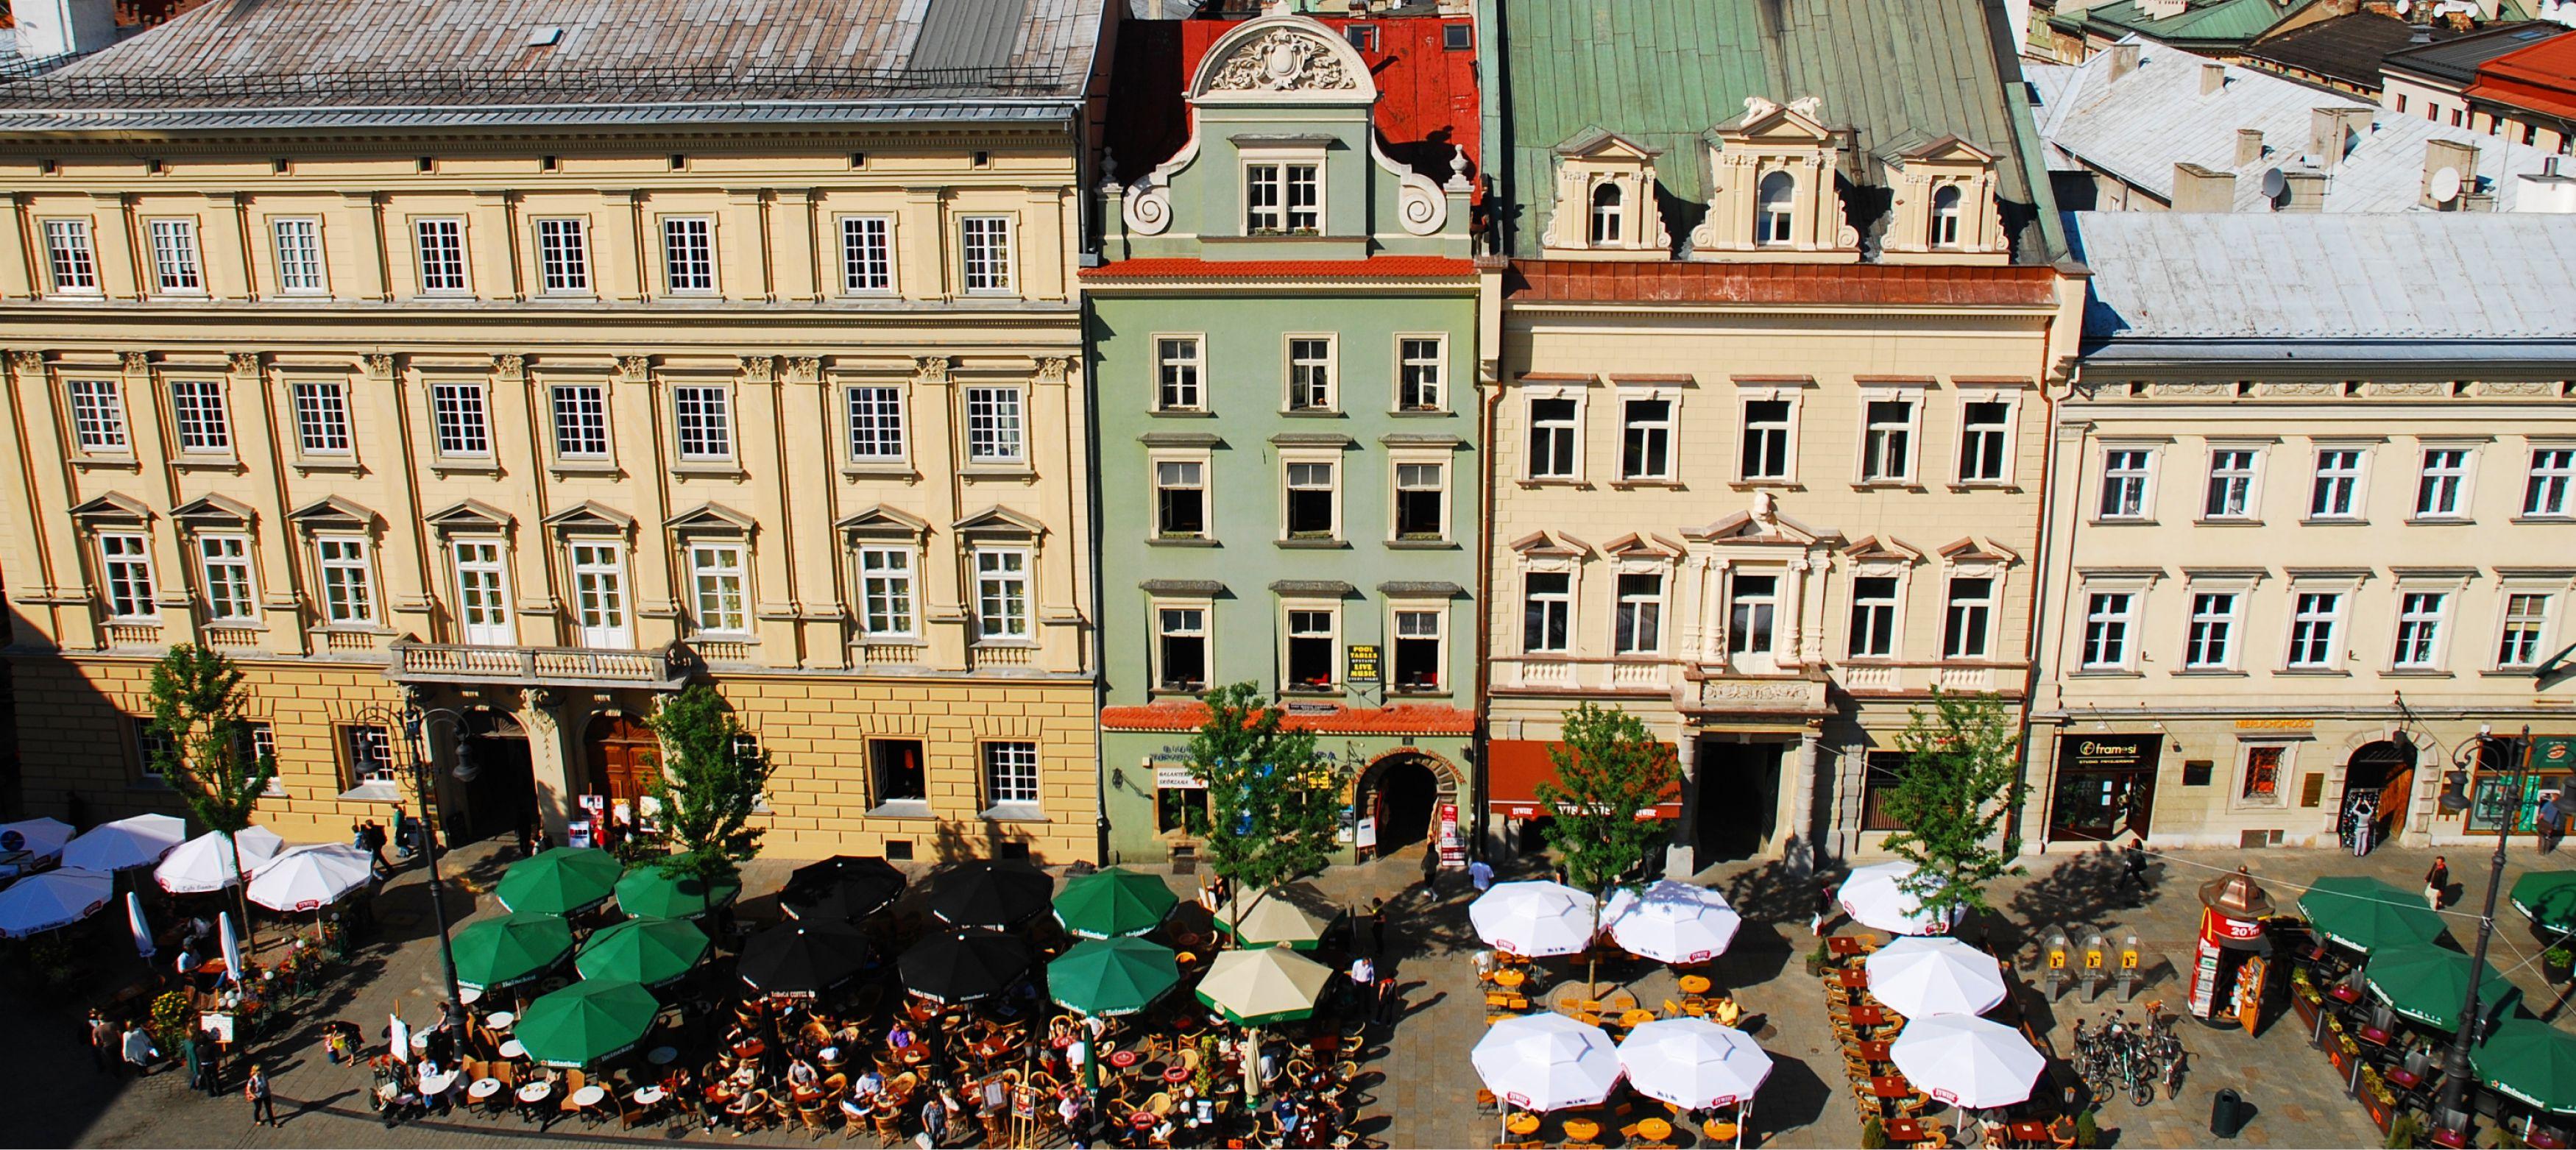 restauranger i huvudstaden krakow, polen